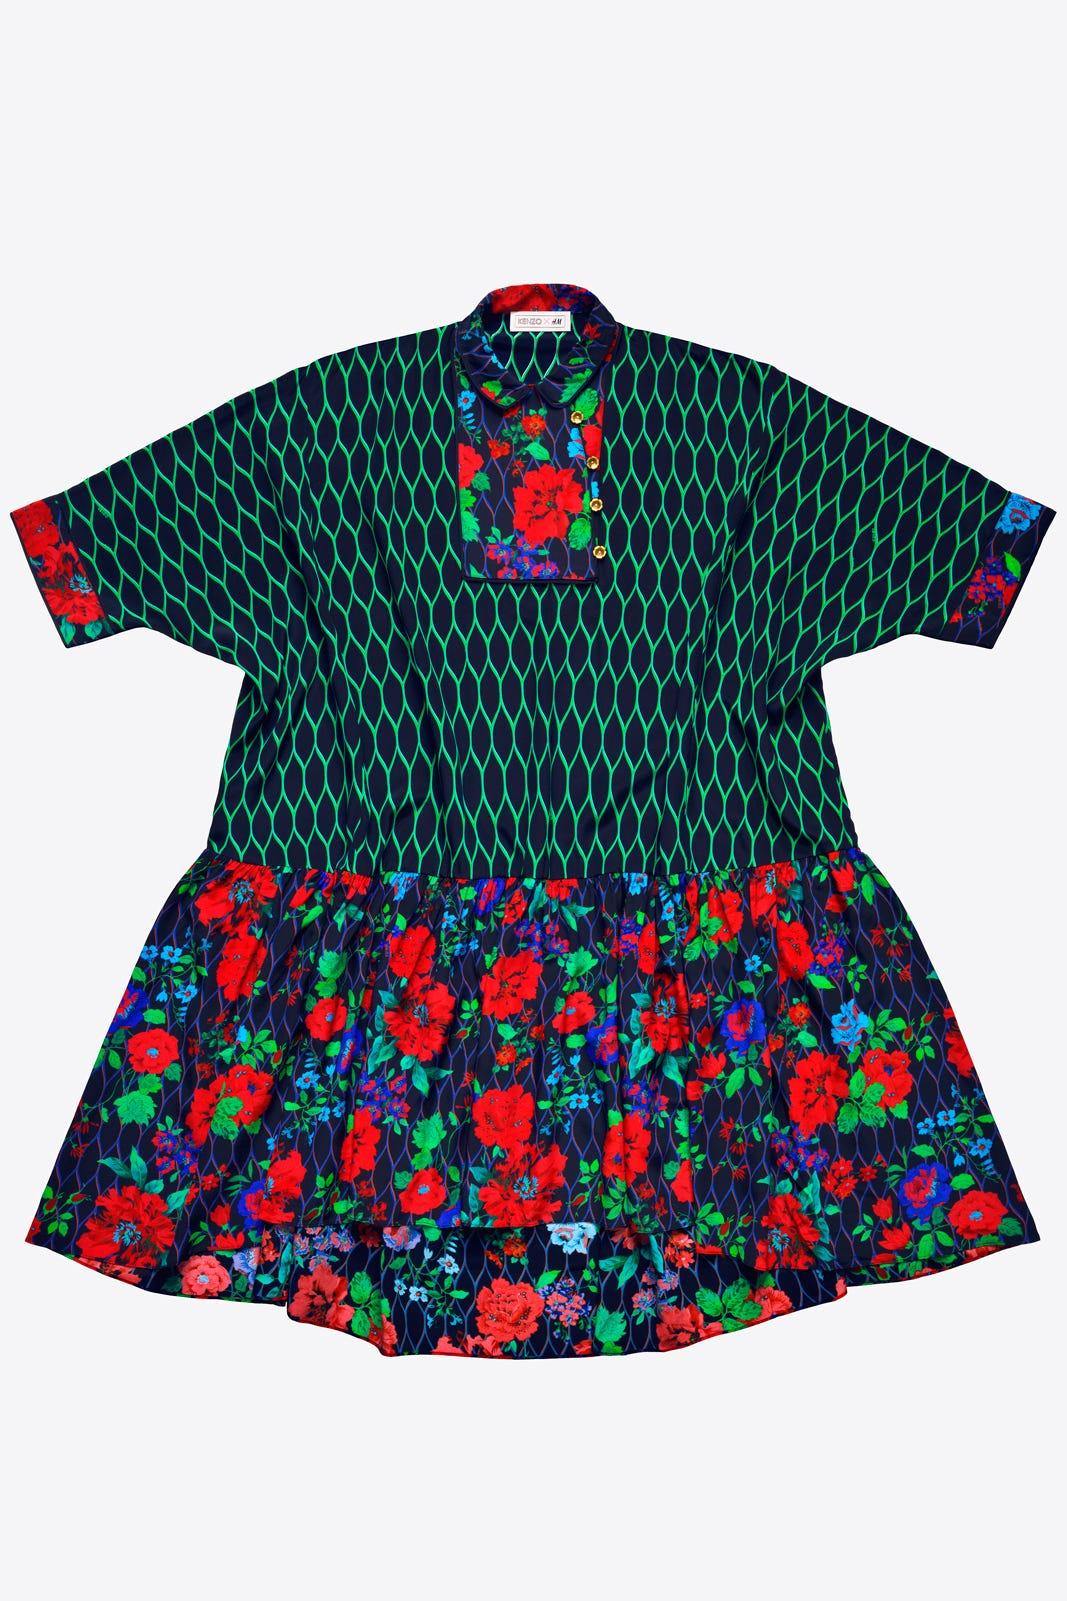 Collaboration Full Photos Hm Clothing Kenzo 6yfYb7g